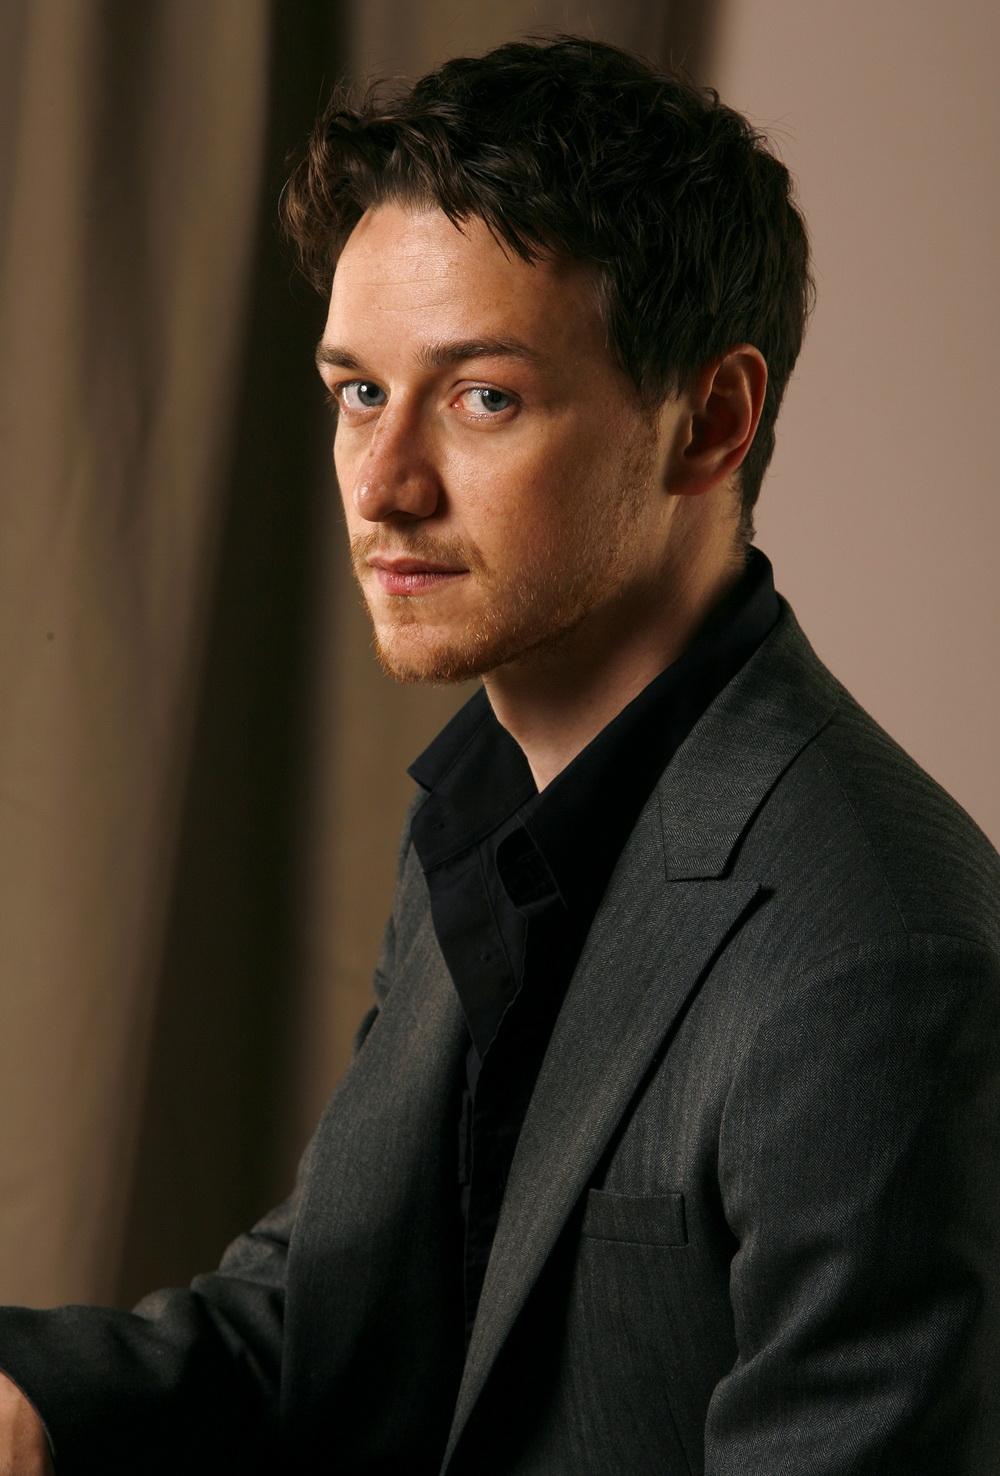 зарубежные актеры фото мужчины